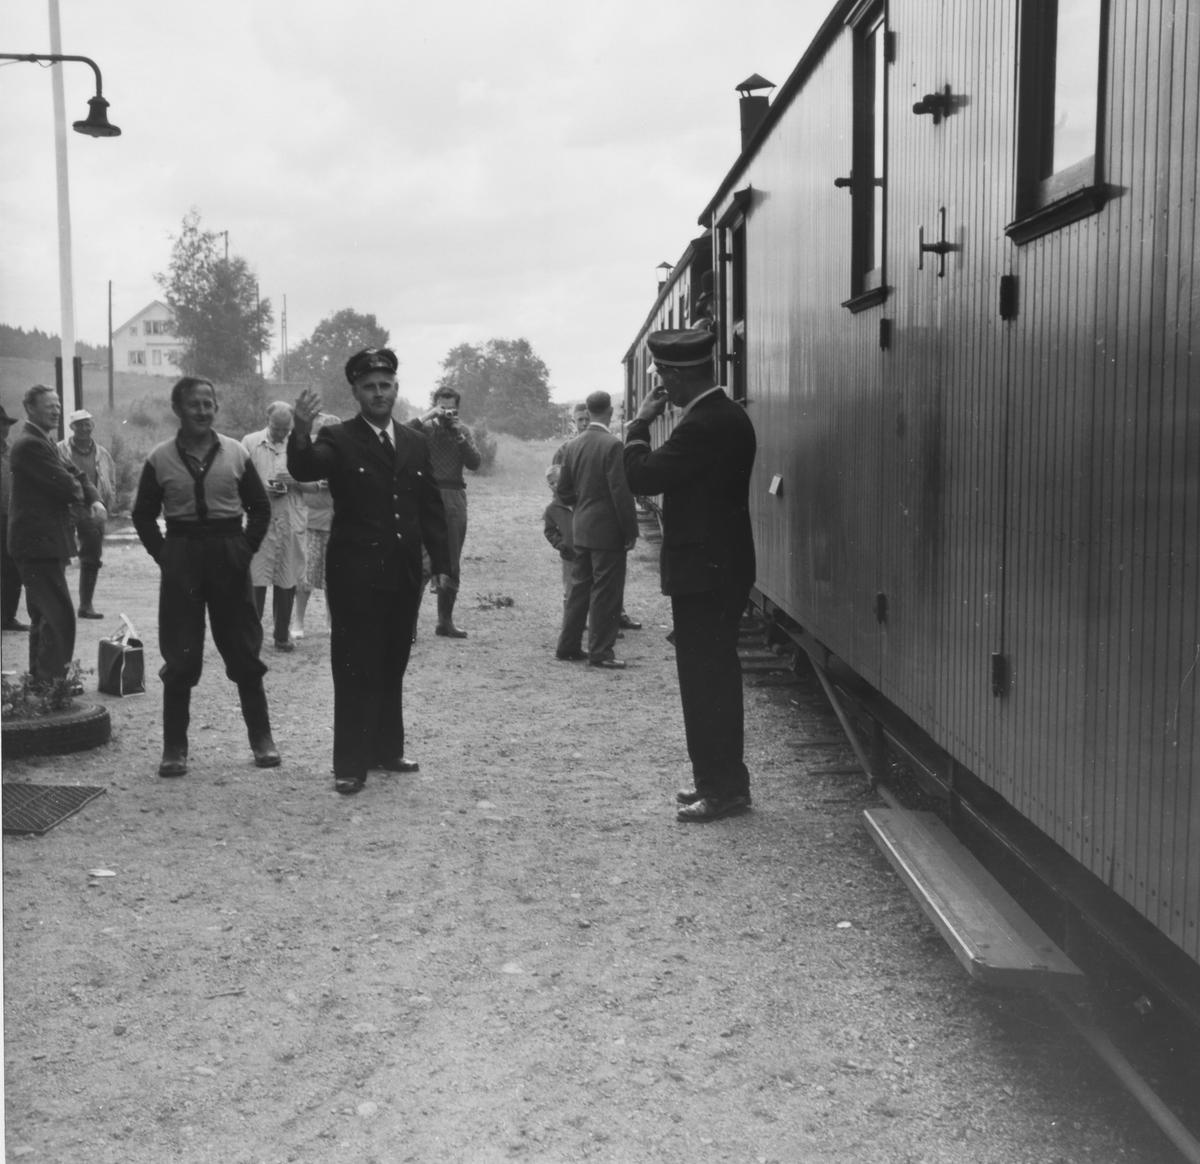 Ekspeditør Kristian Slorbak på Skulerud stasjon gir avgangsmelding for siste ordinære tog til Sørumsand til overkonduktør Håkon Kjelsrud.